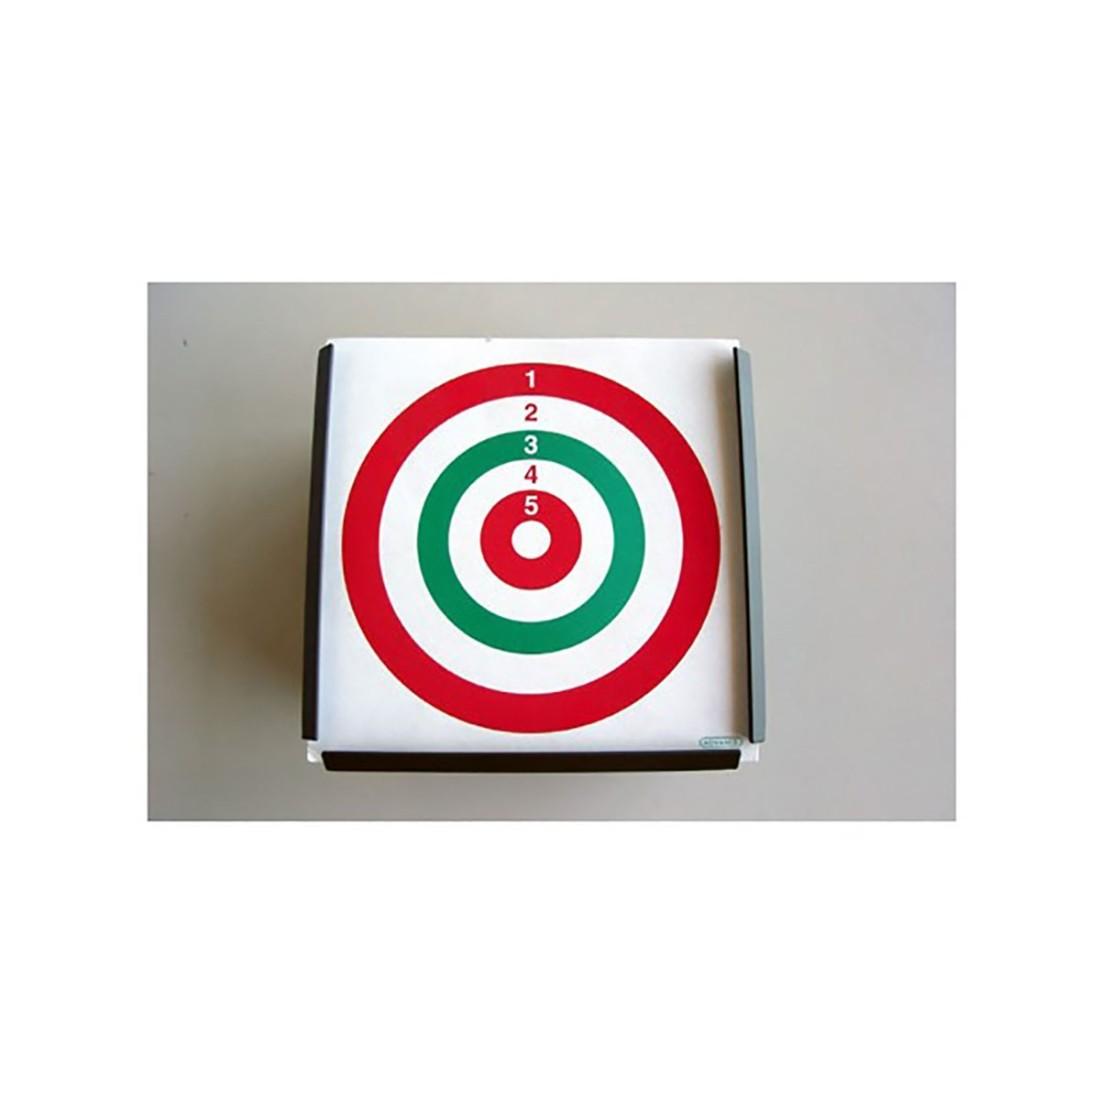 Porta bersaglio quadrato cm. 17x17 - ADVANCE GROUP